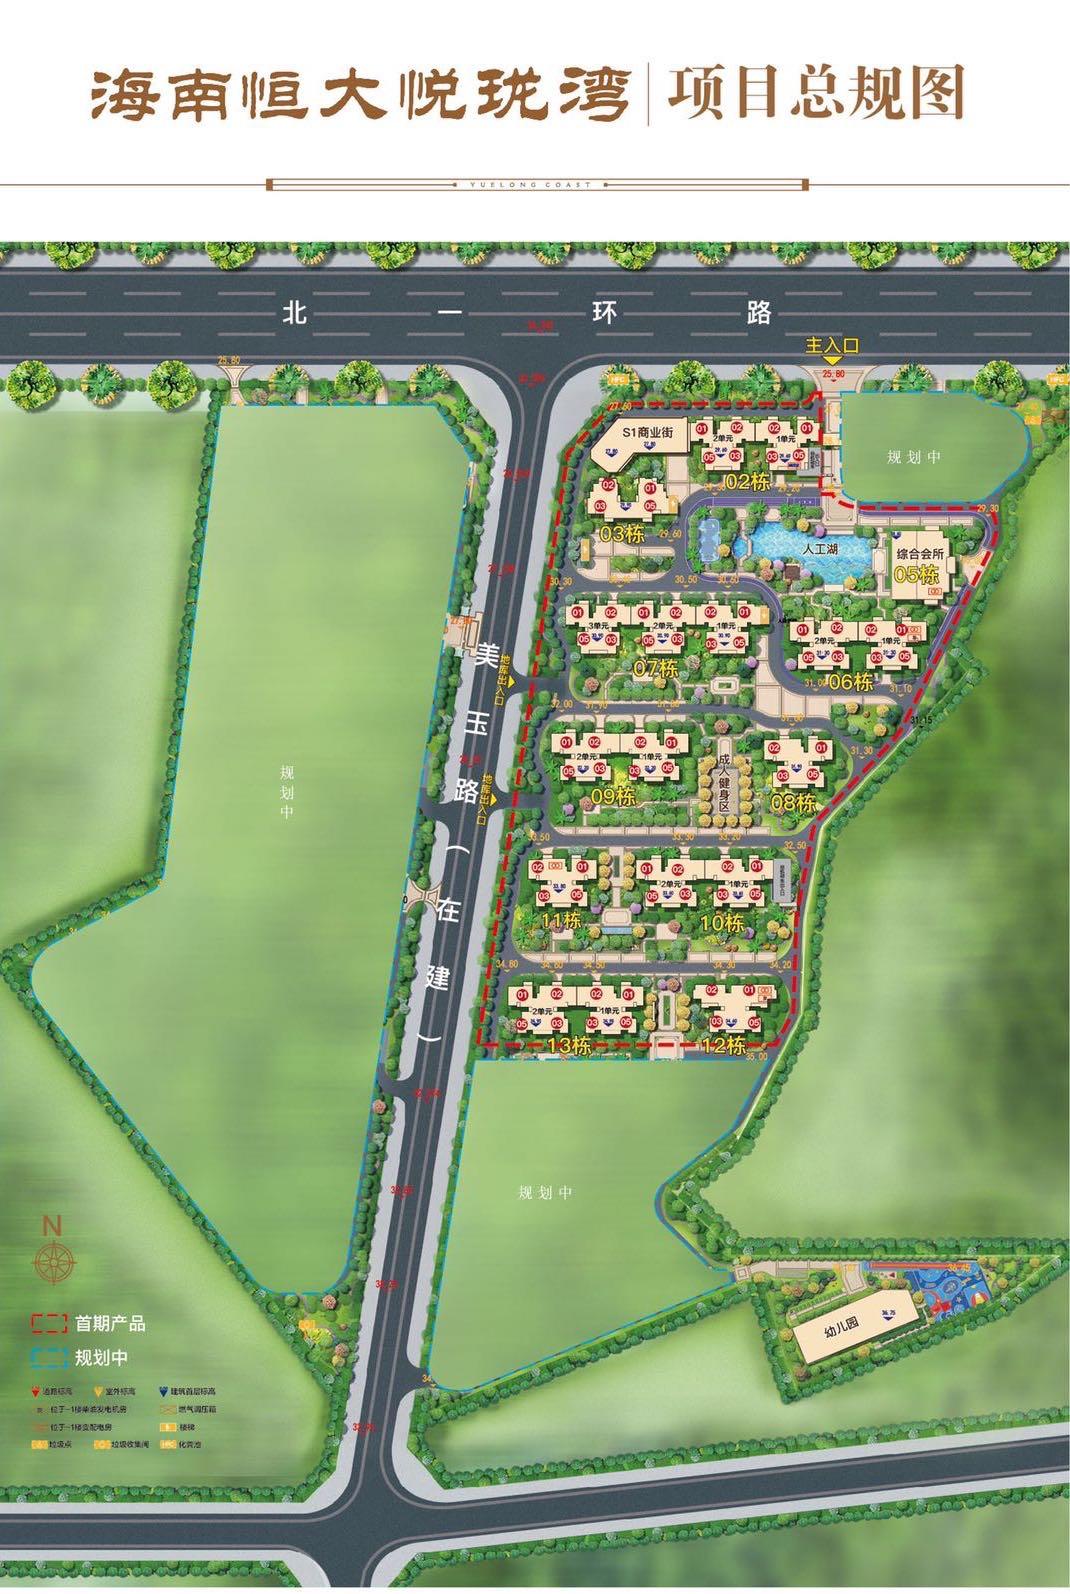 恒大悦珑湾规划图